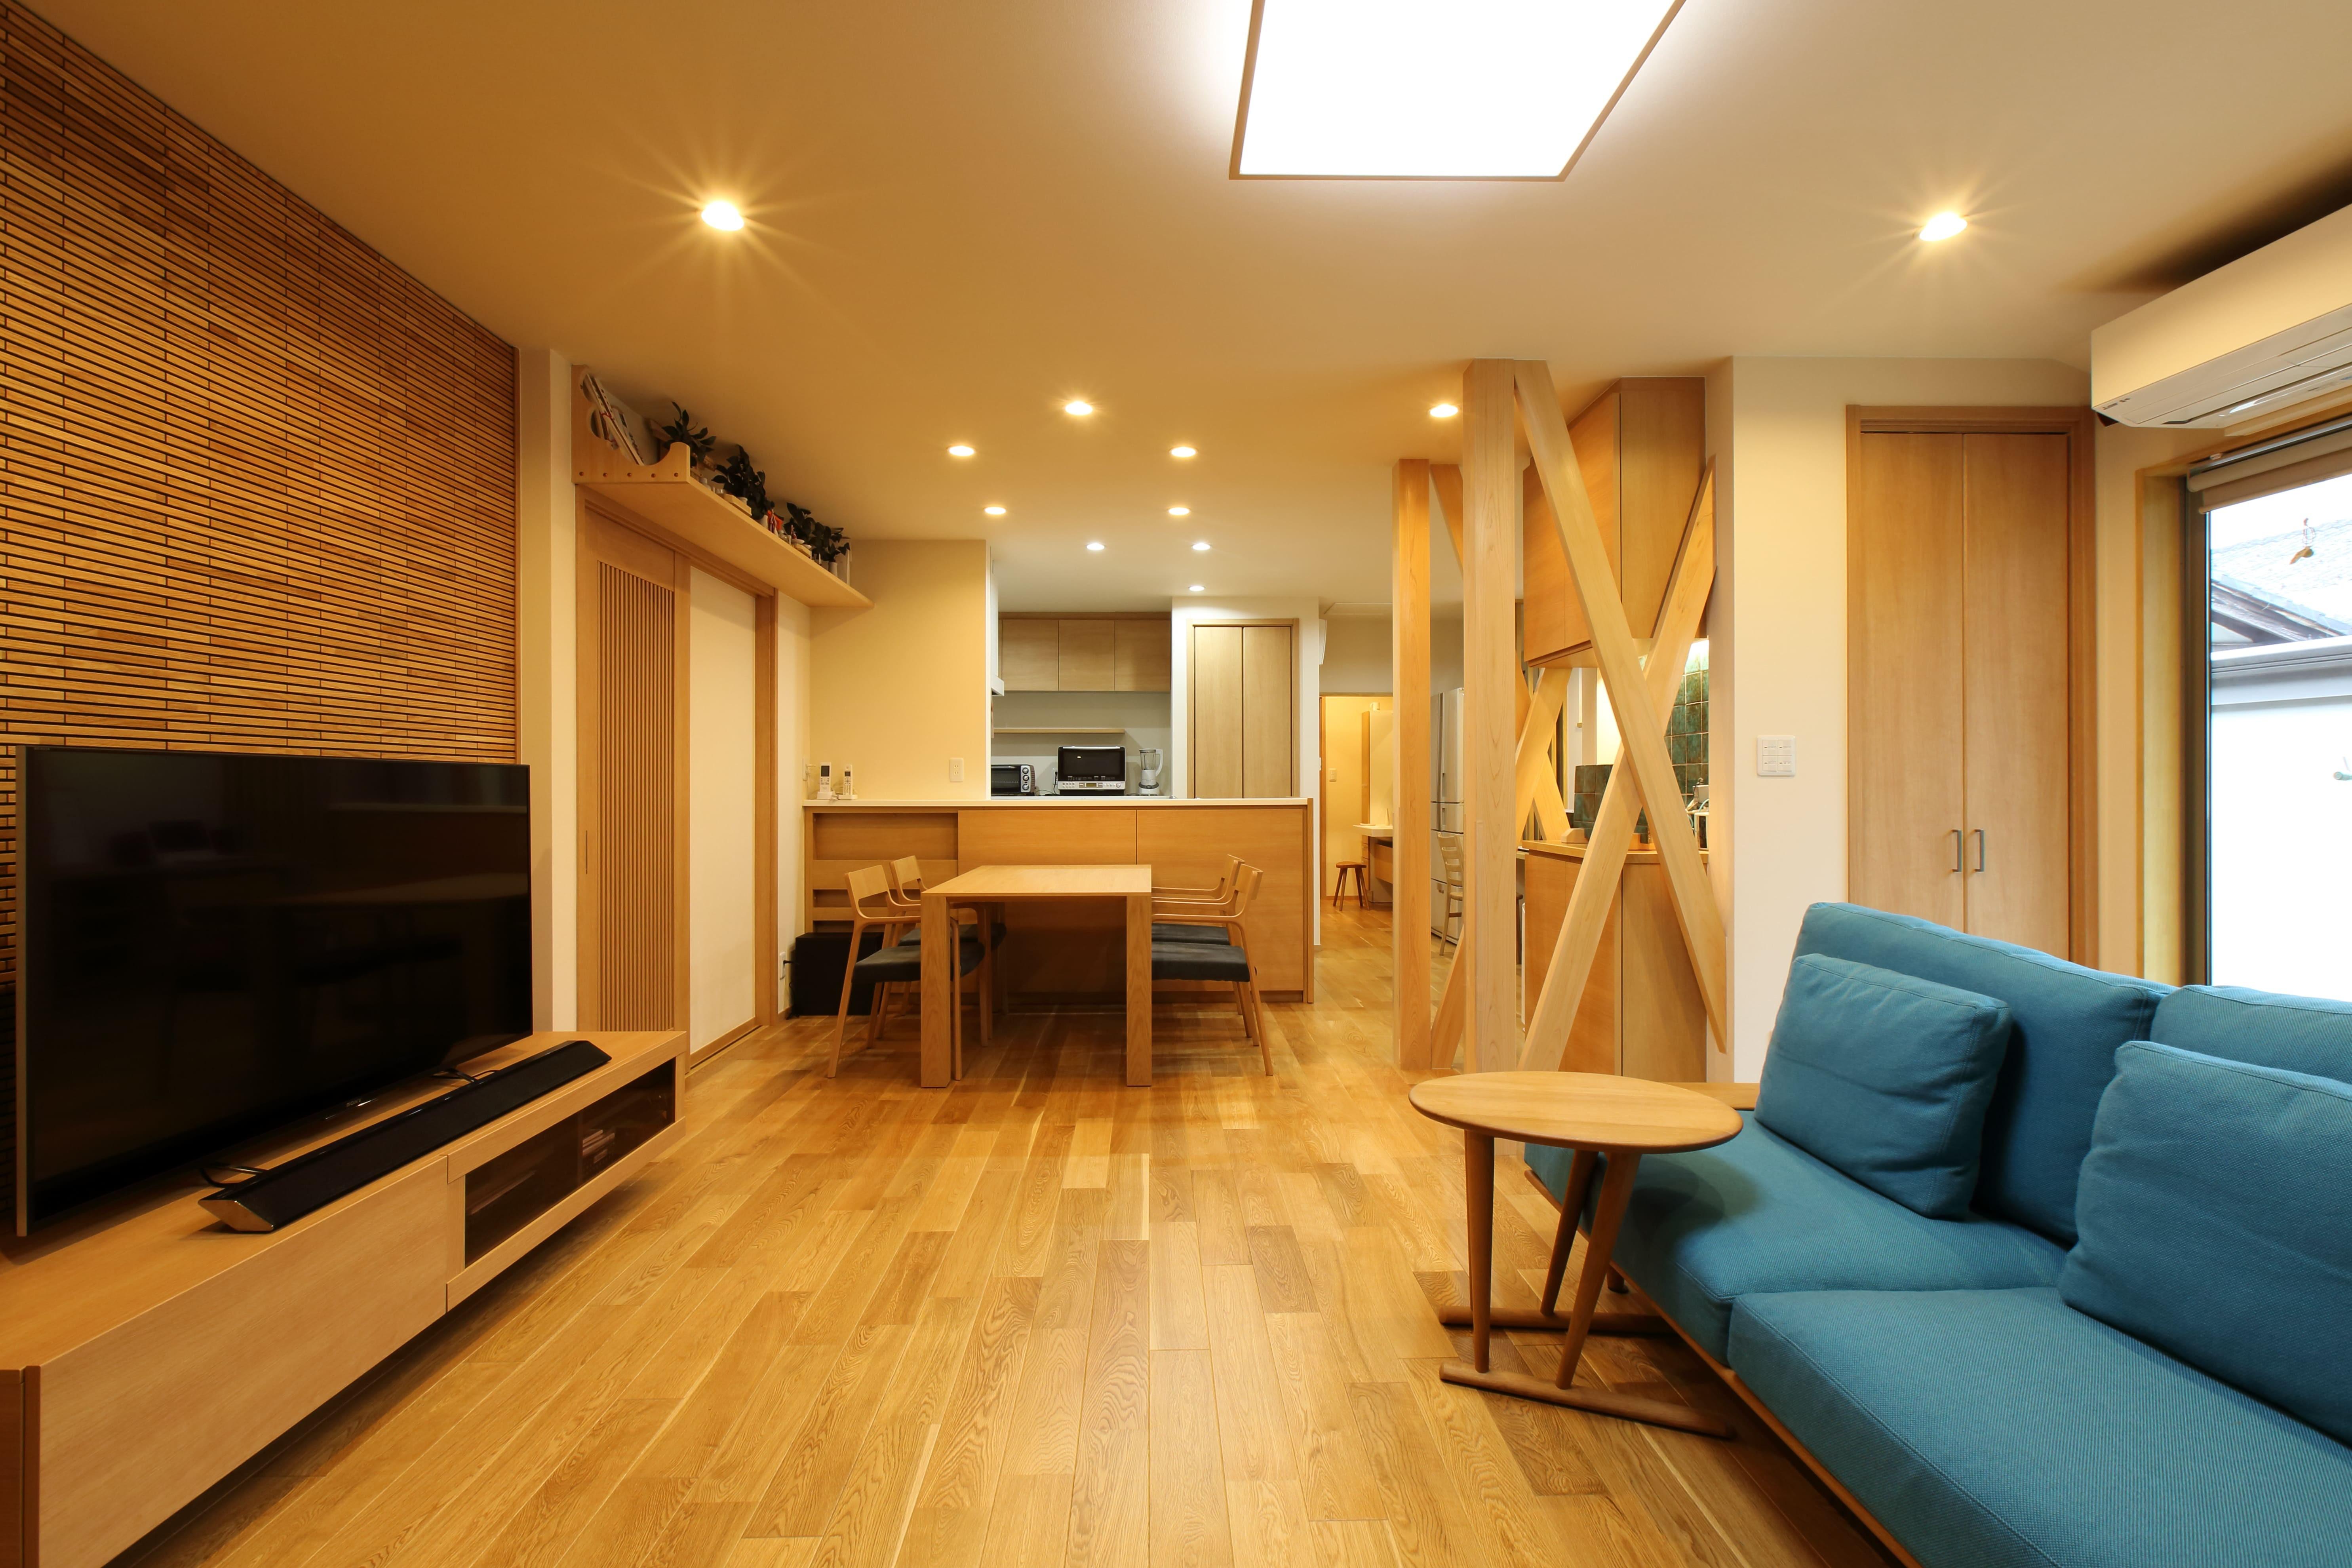 リビングダイニング事例:和室と廊下を繋げてひとつの空間にしたLDK。(将来の夫婦二人の生活を見据えて、1階部分だけで暮らせる住まいにリフォーム。)